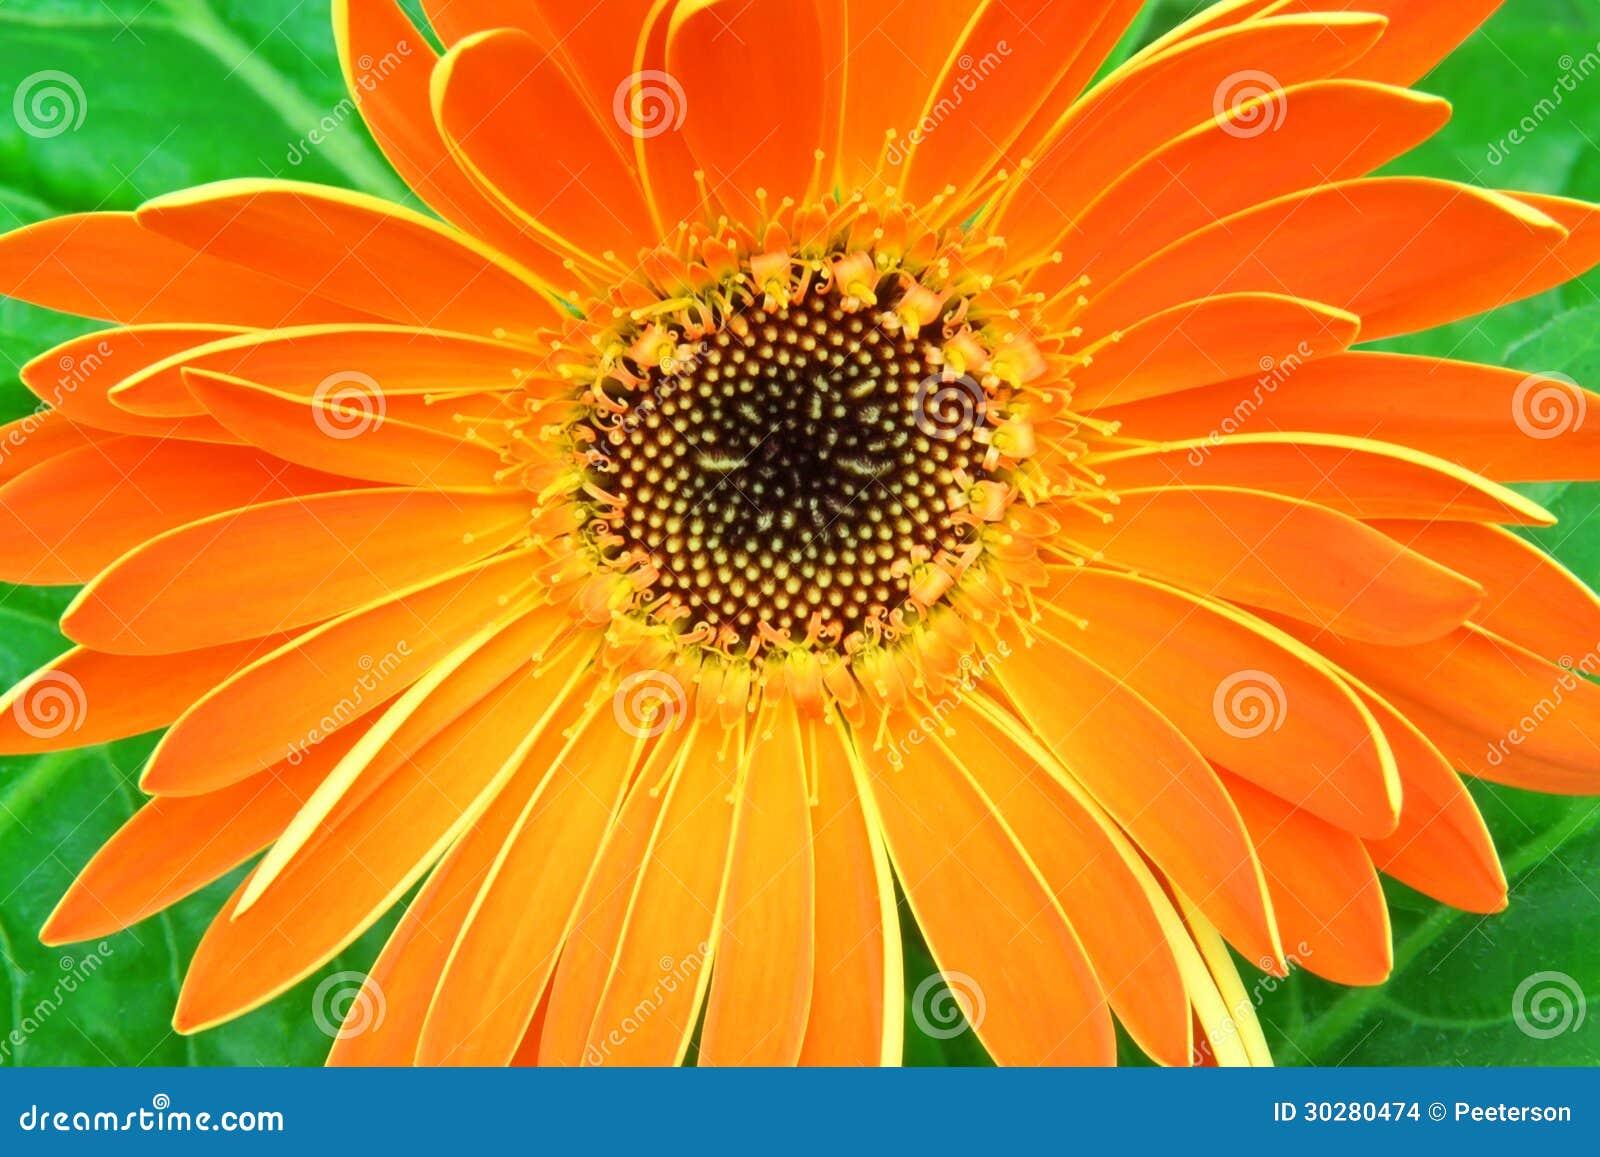 橙色大丁草